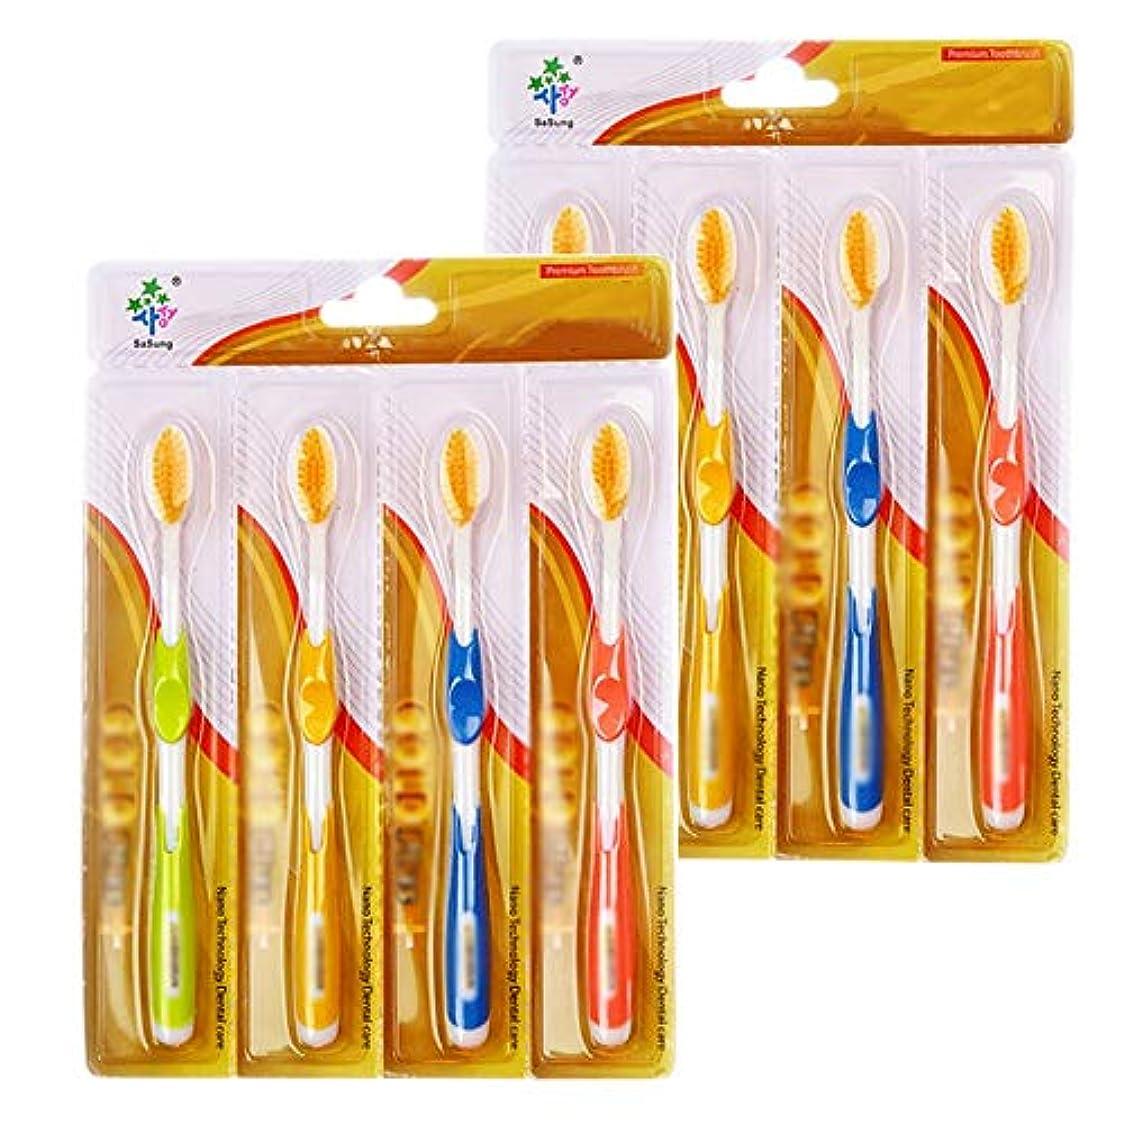 レクリエーションの前で追う歯ブラシ 8本のスティック大人歯ブラシ、竹炭歯ブラシ、オーラルフレッシュ歯ブラシに貢献する - 使用可能なスタイルの2種類を HL (色 : A, サイズ : 8 packs)